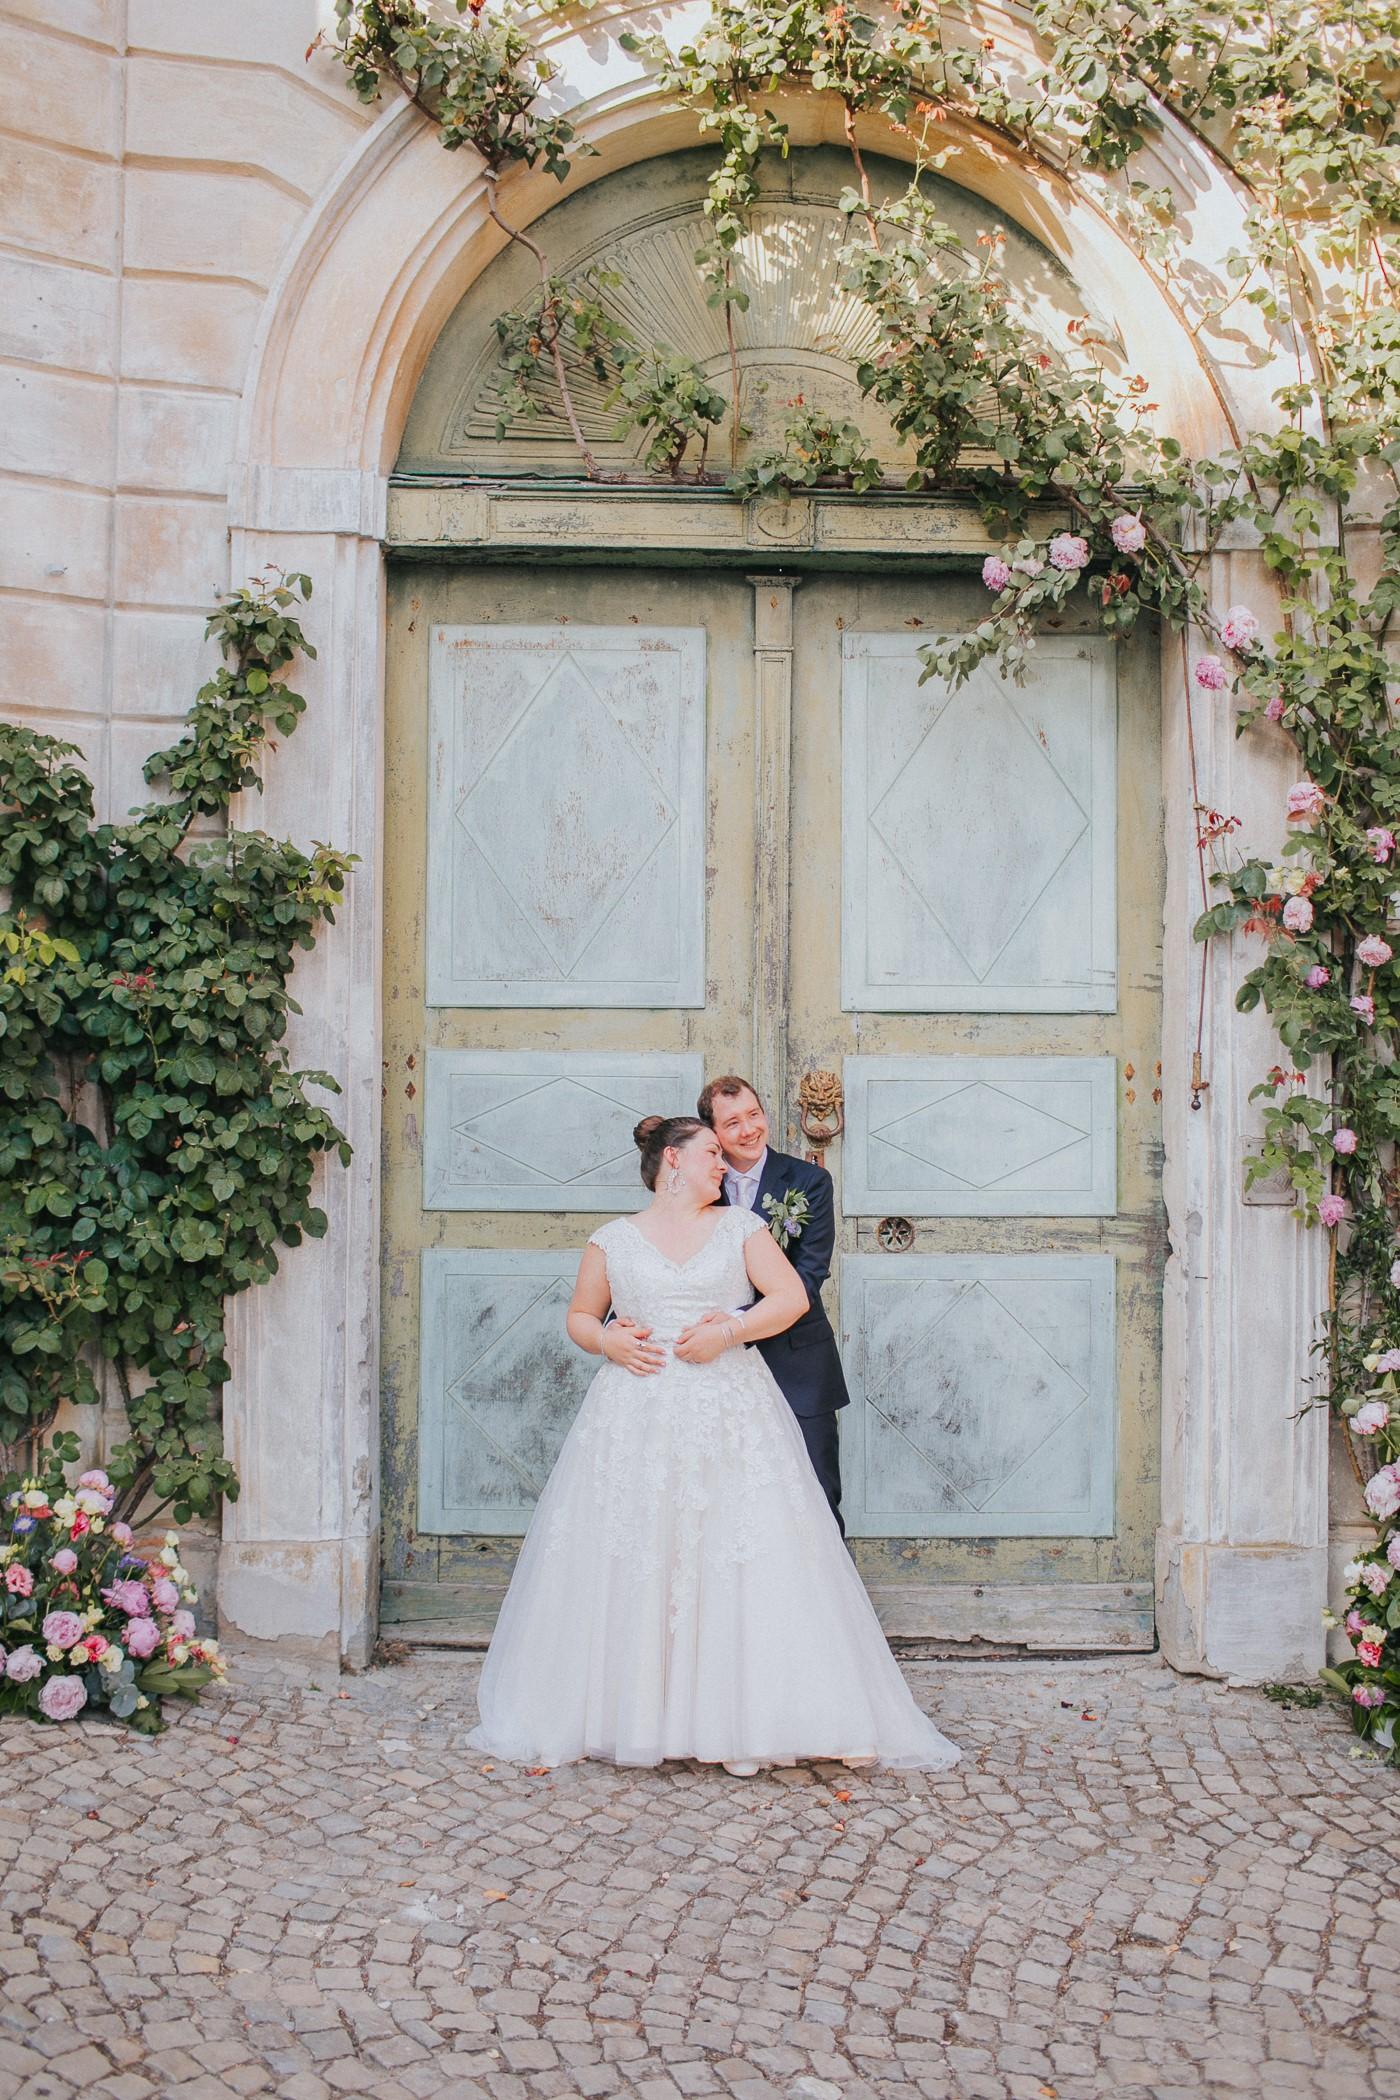 Contact Varese Wedding